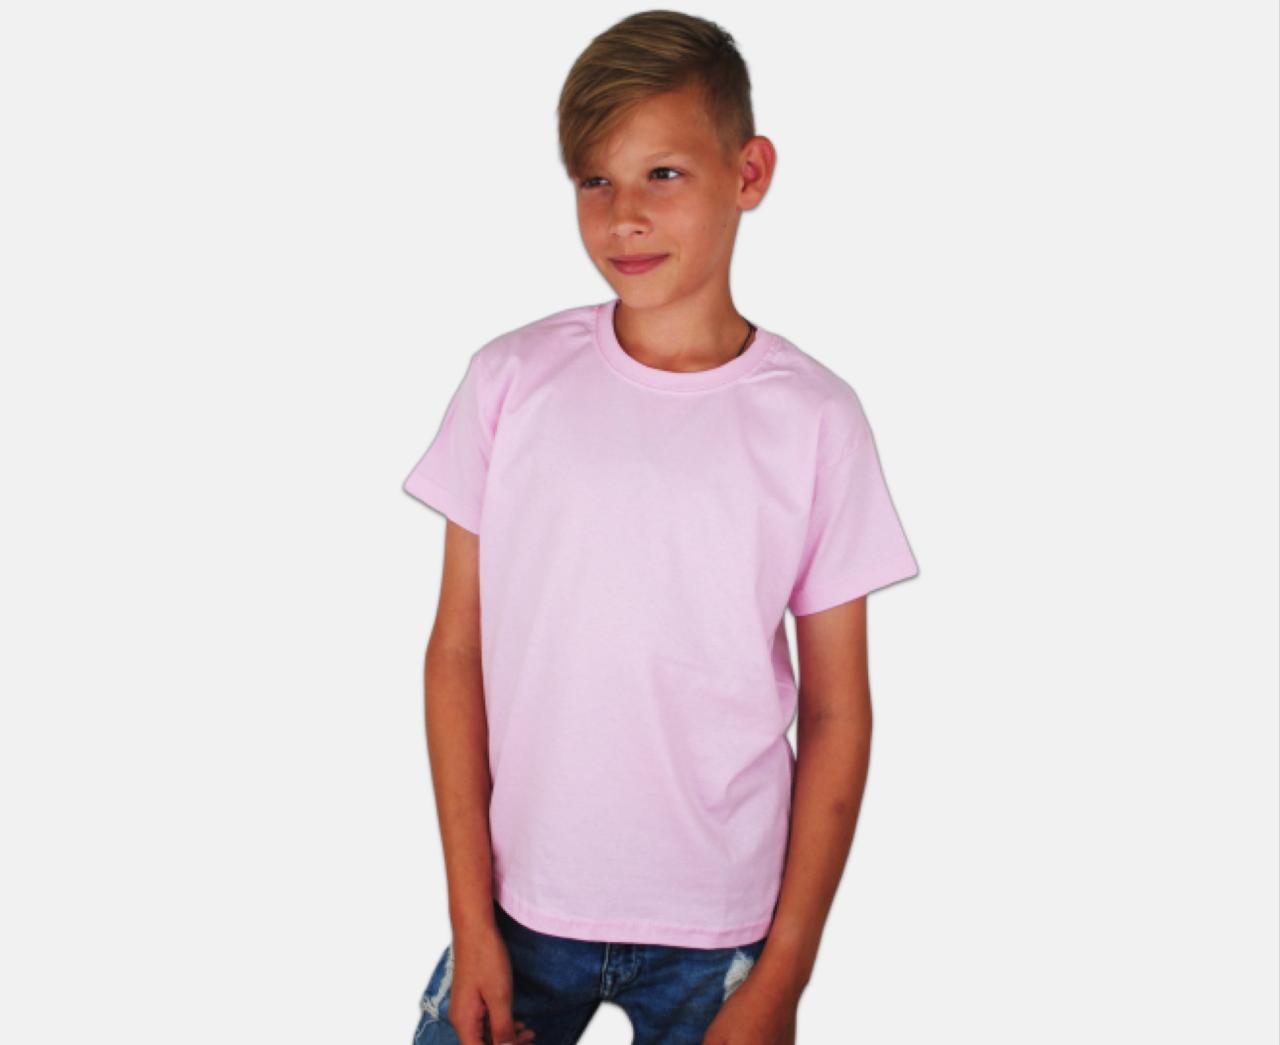 Детская Классическая Футболка для Мальчиков Светло-розовый Fruit of the loom 61-033-52 9-11